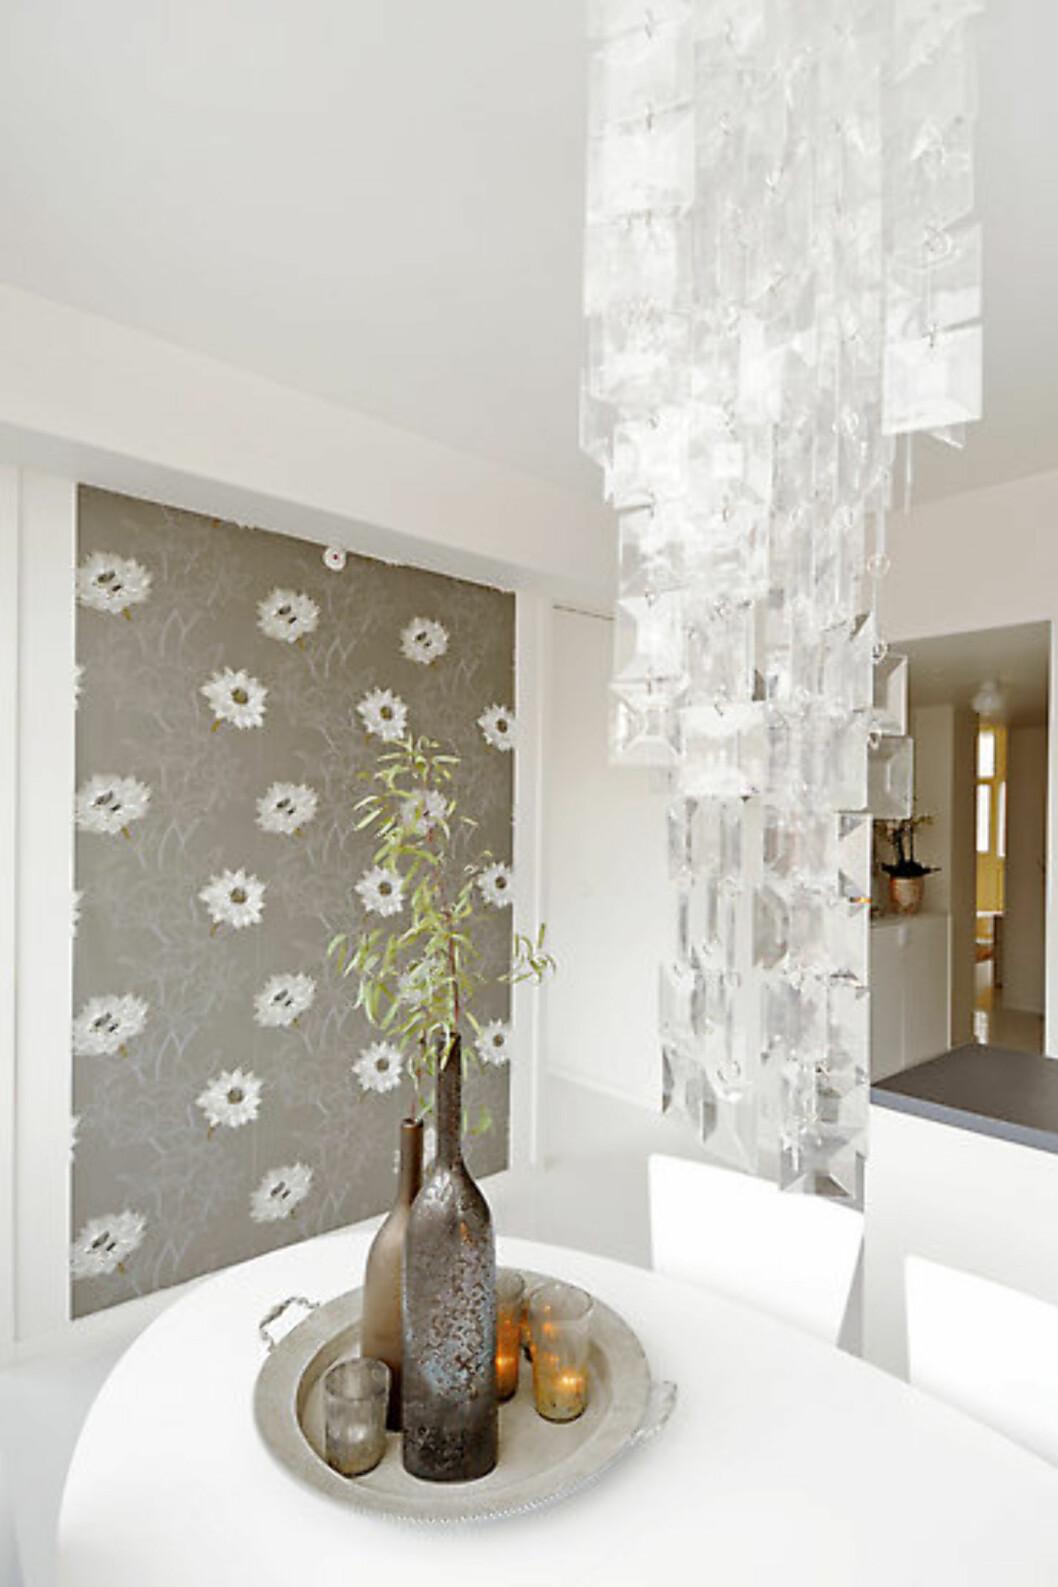 Spisebordet i leiligheten stylet av Interior Deal AS. Foto: Foto: Garanti Eiendomsmegling